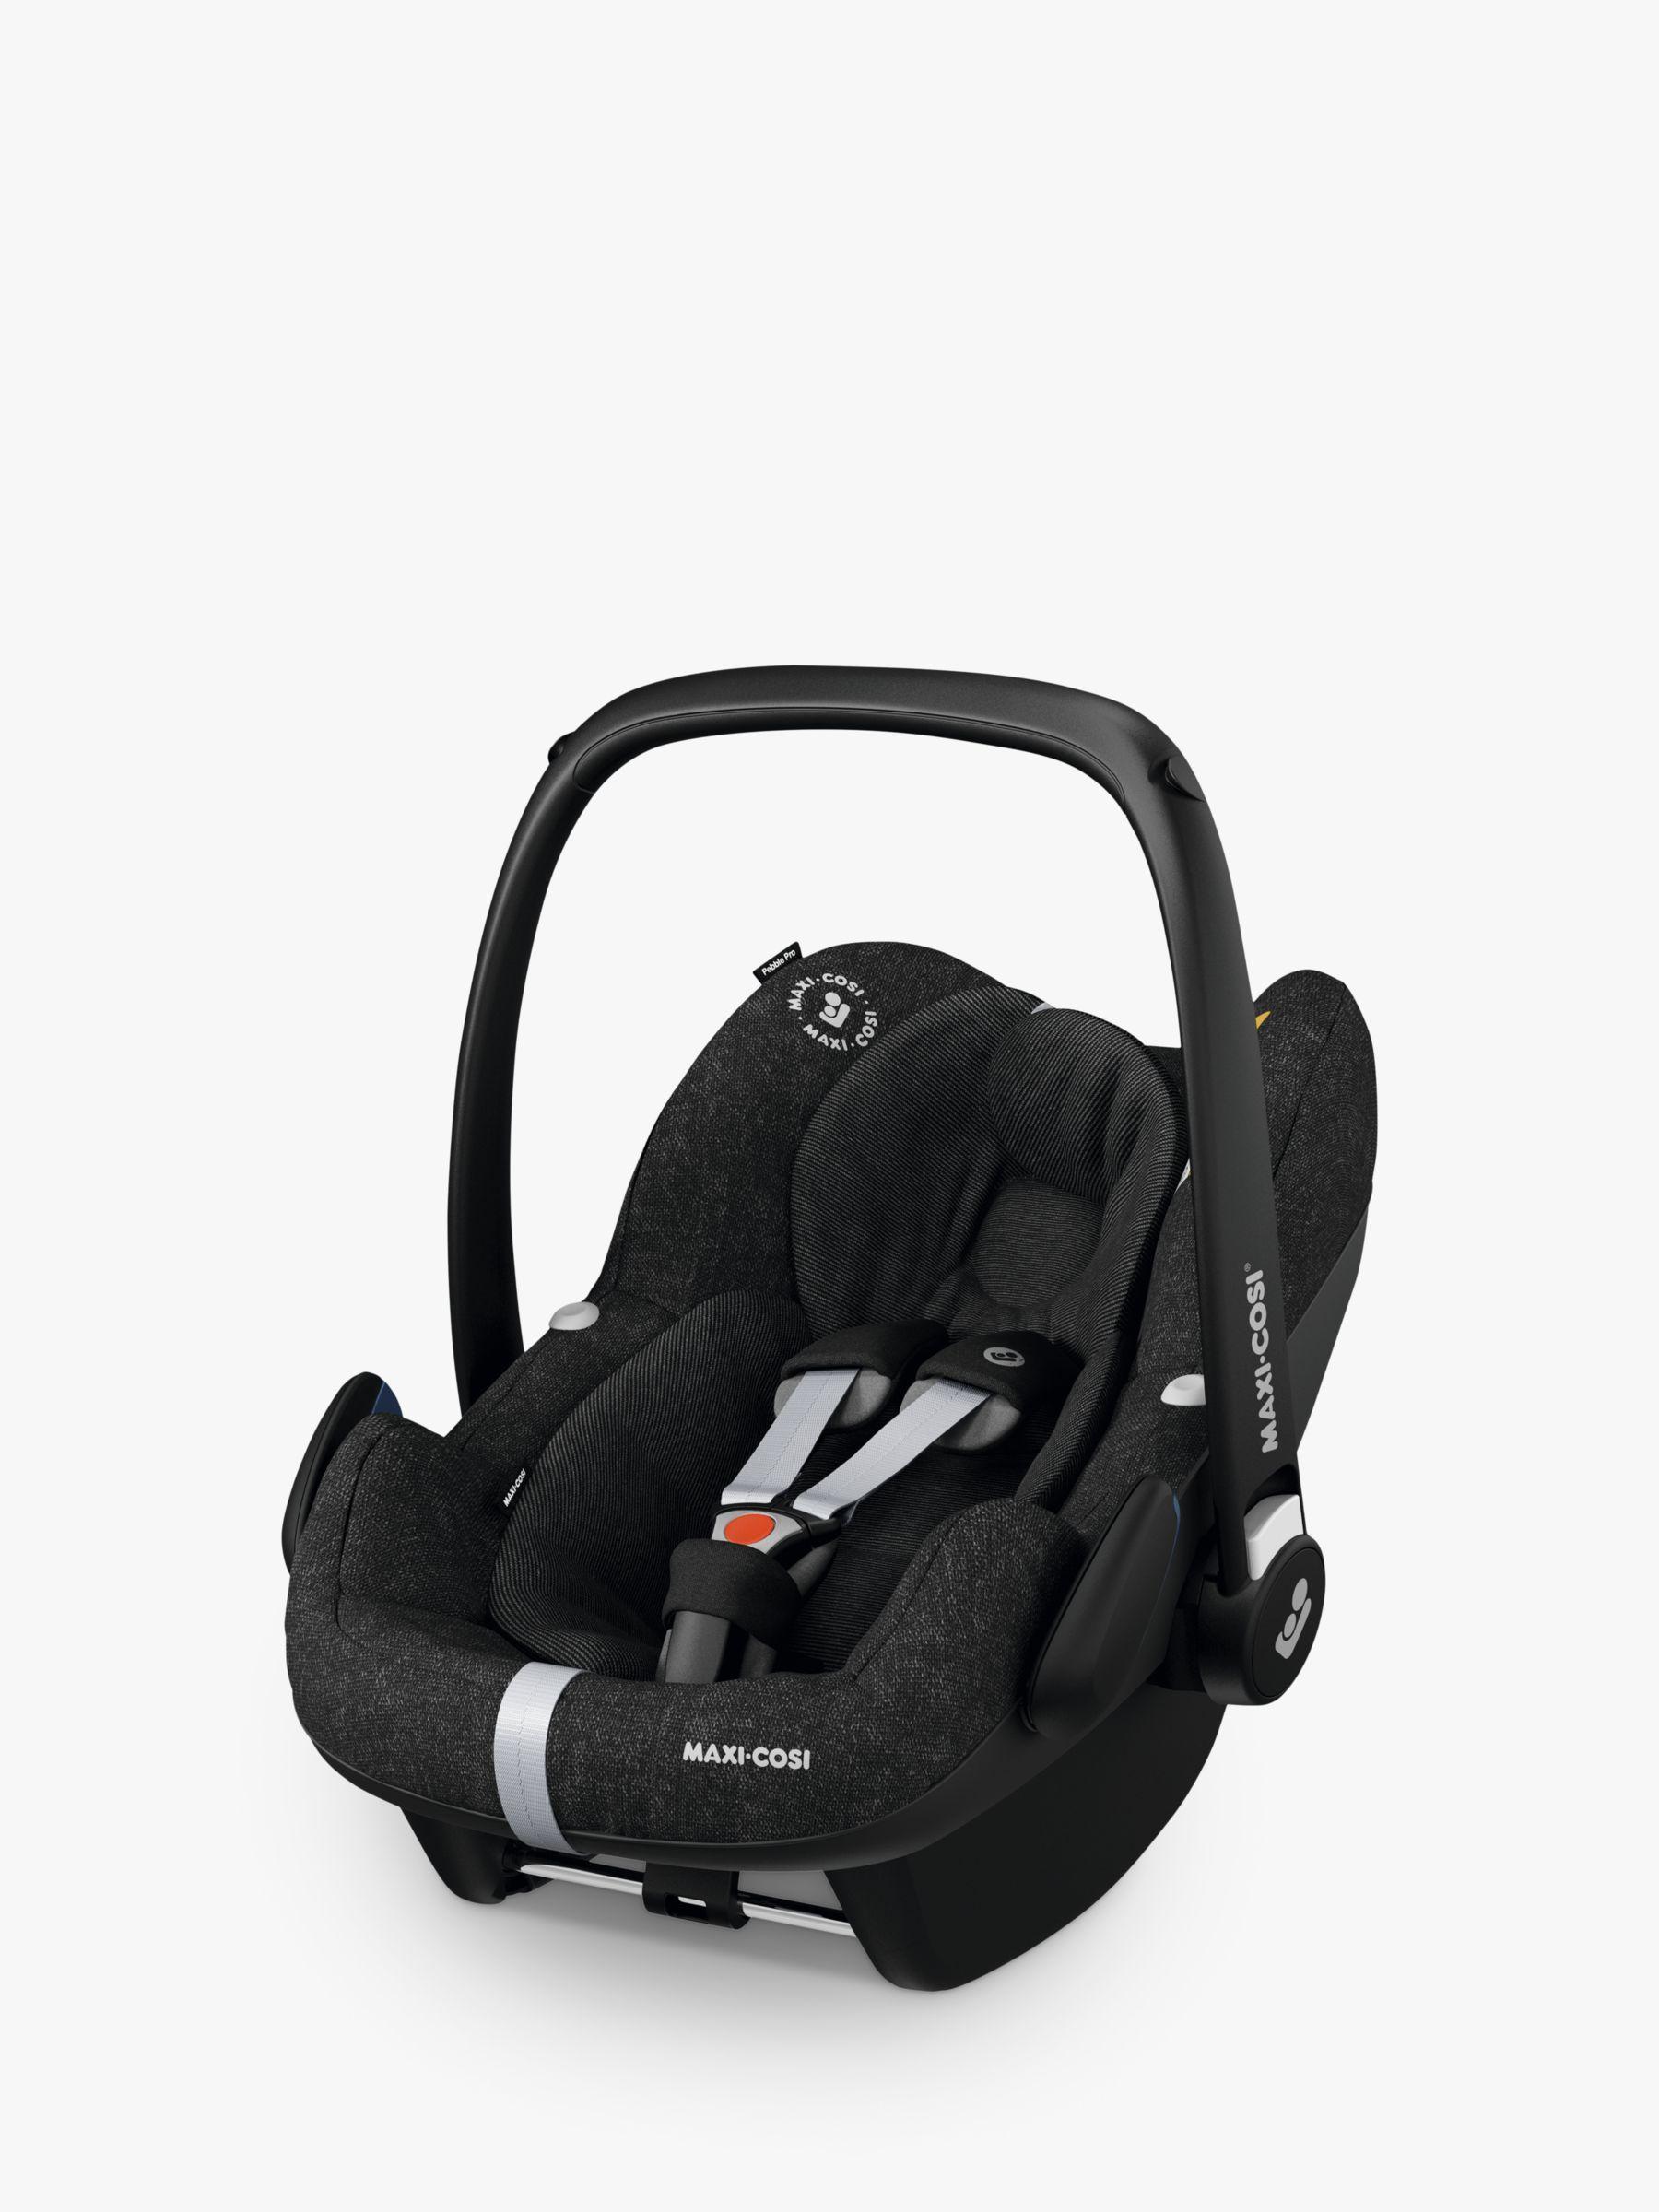 Maxi Cosi Pebble Pro I Size Group 0 Baby Car Seat Nomad Black Baby Car Seats Car Seats Car